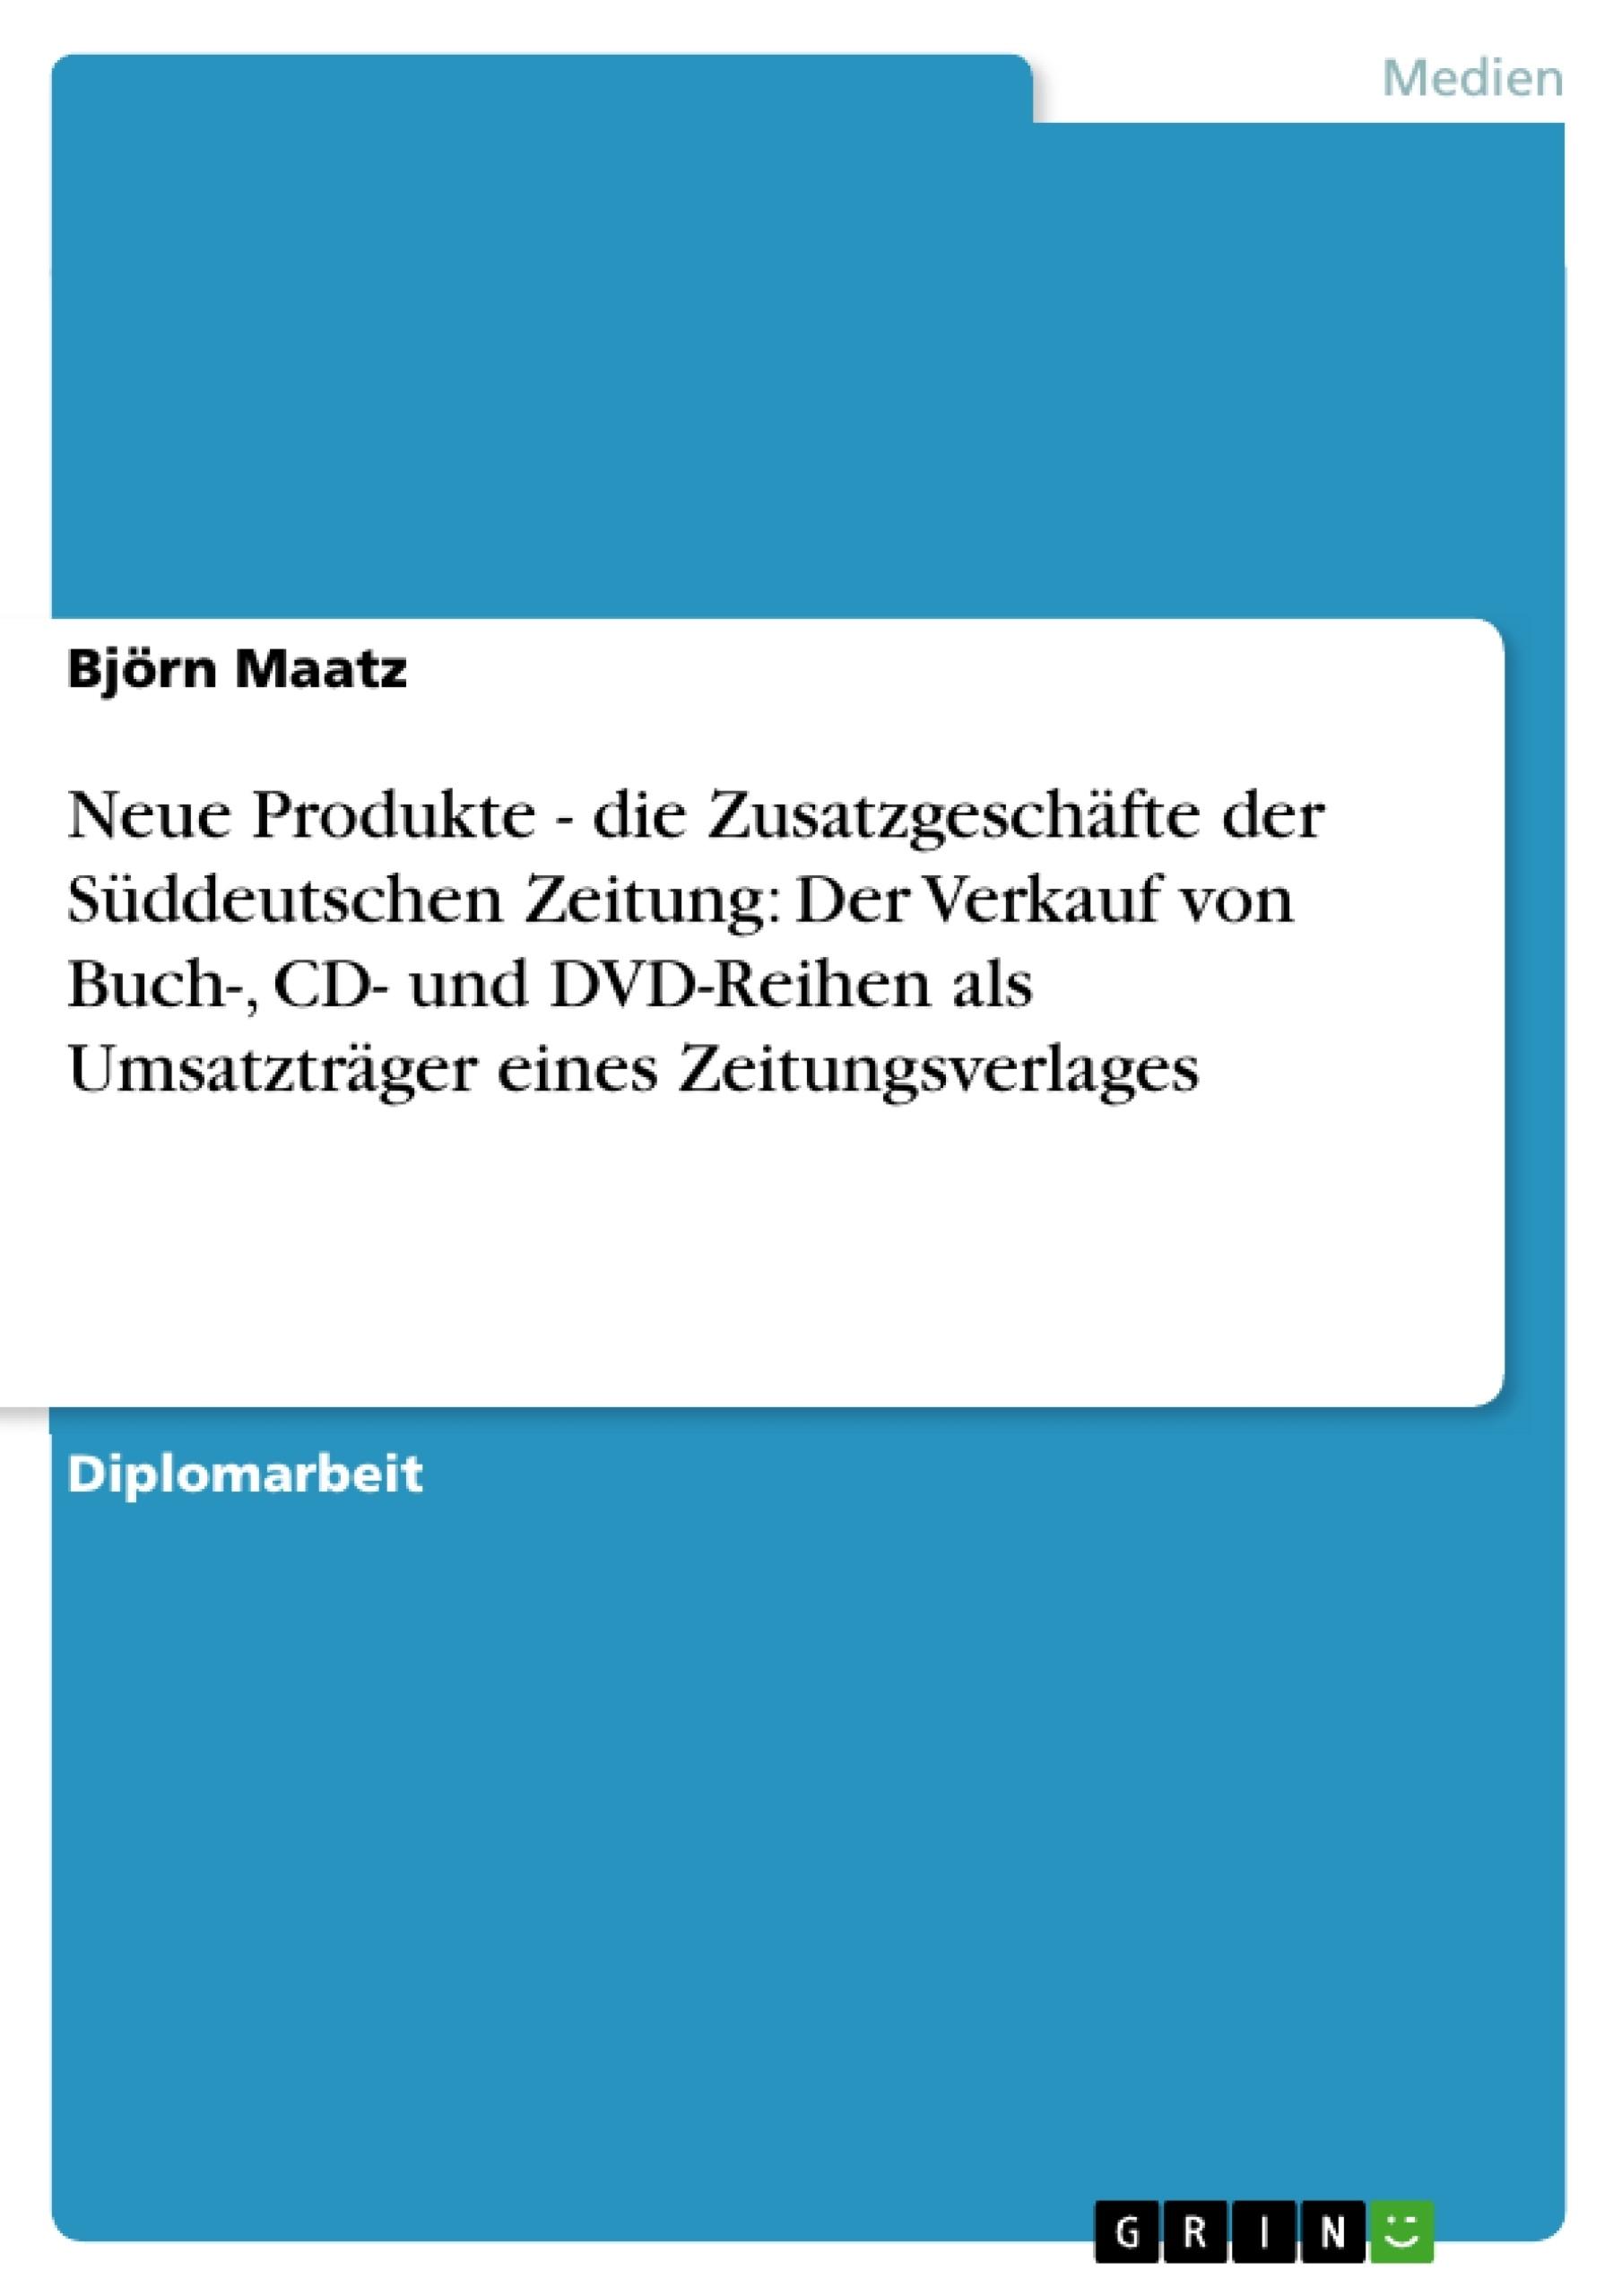 Titel: Neue Produkte - die Zusatzgeschäfte der Süddeutschen Zeitung: Der Verkauf von Buch-, CD- und DVD-Reihen als Umsatzträger eines Zeitungsverlages